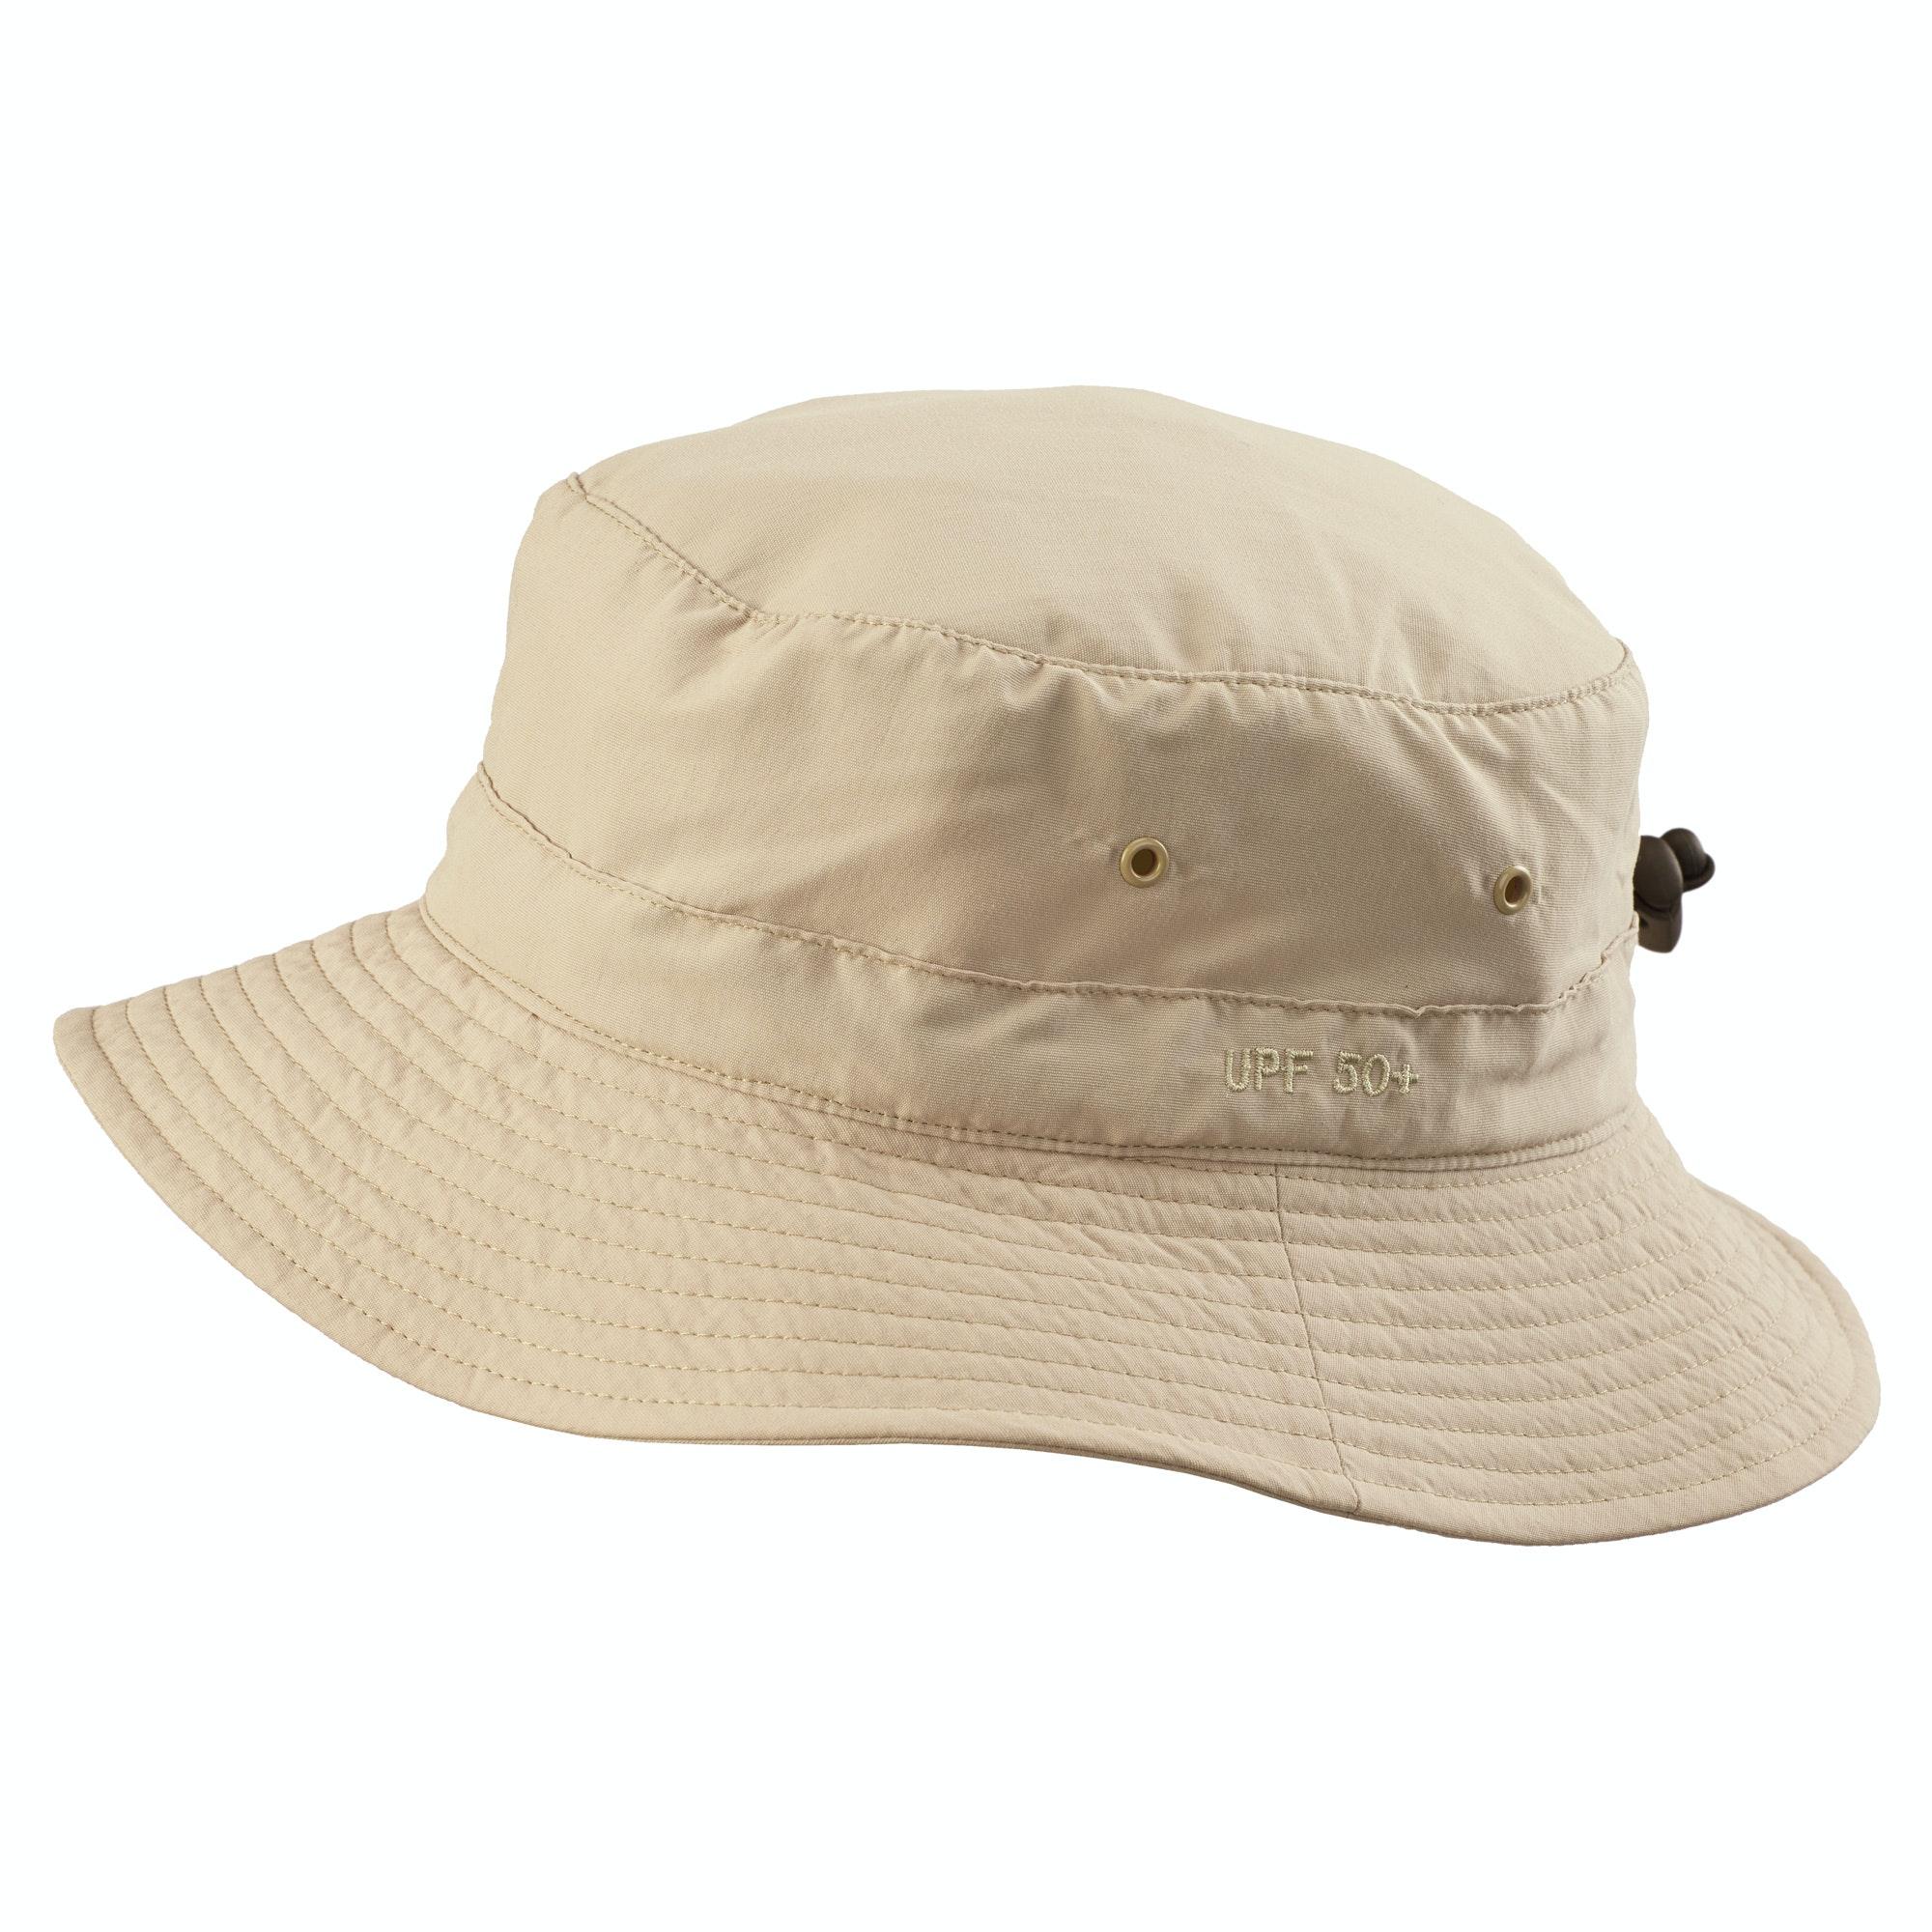 f167a0a328 Details about NEW Kathmandu buzzGUARD Men s Women s Insect Repellent  Adjustable Bucket Sun Hat